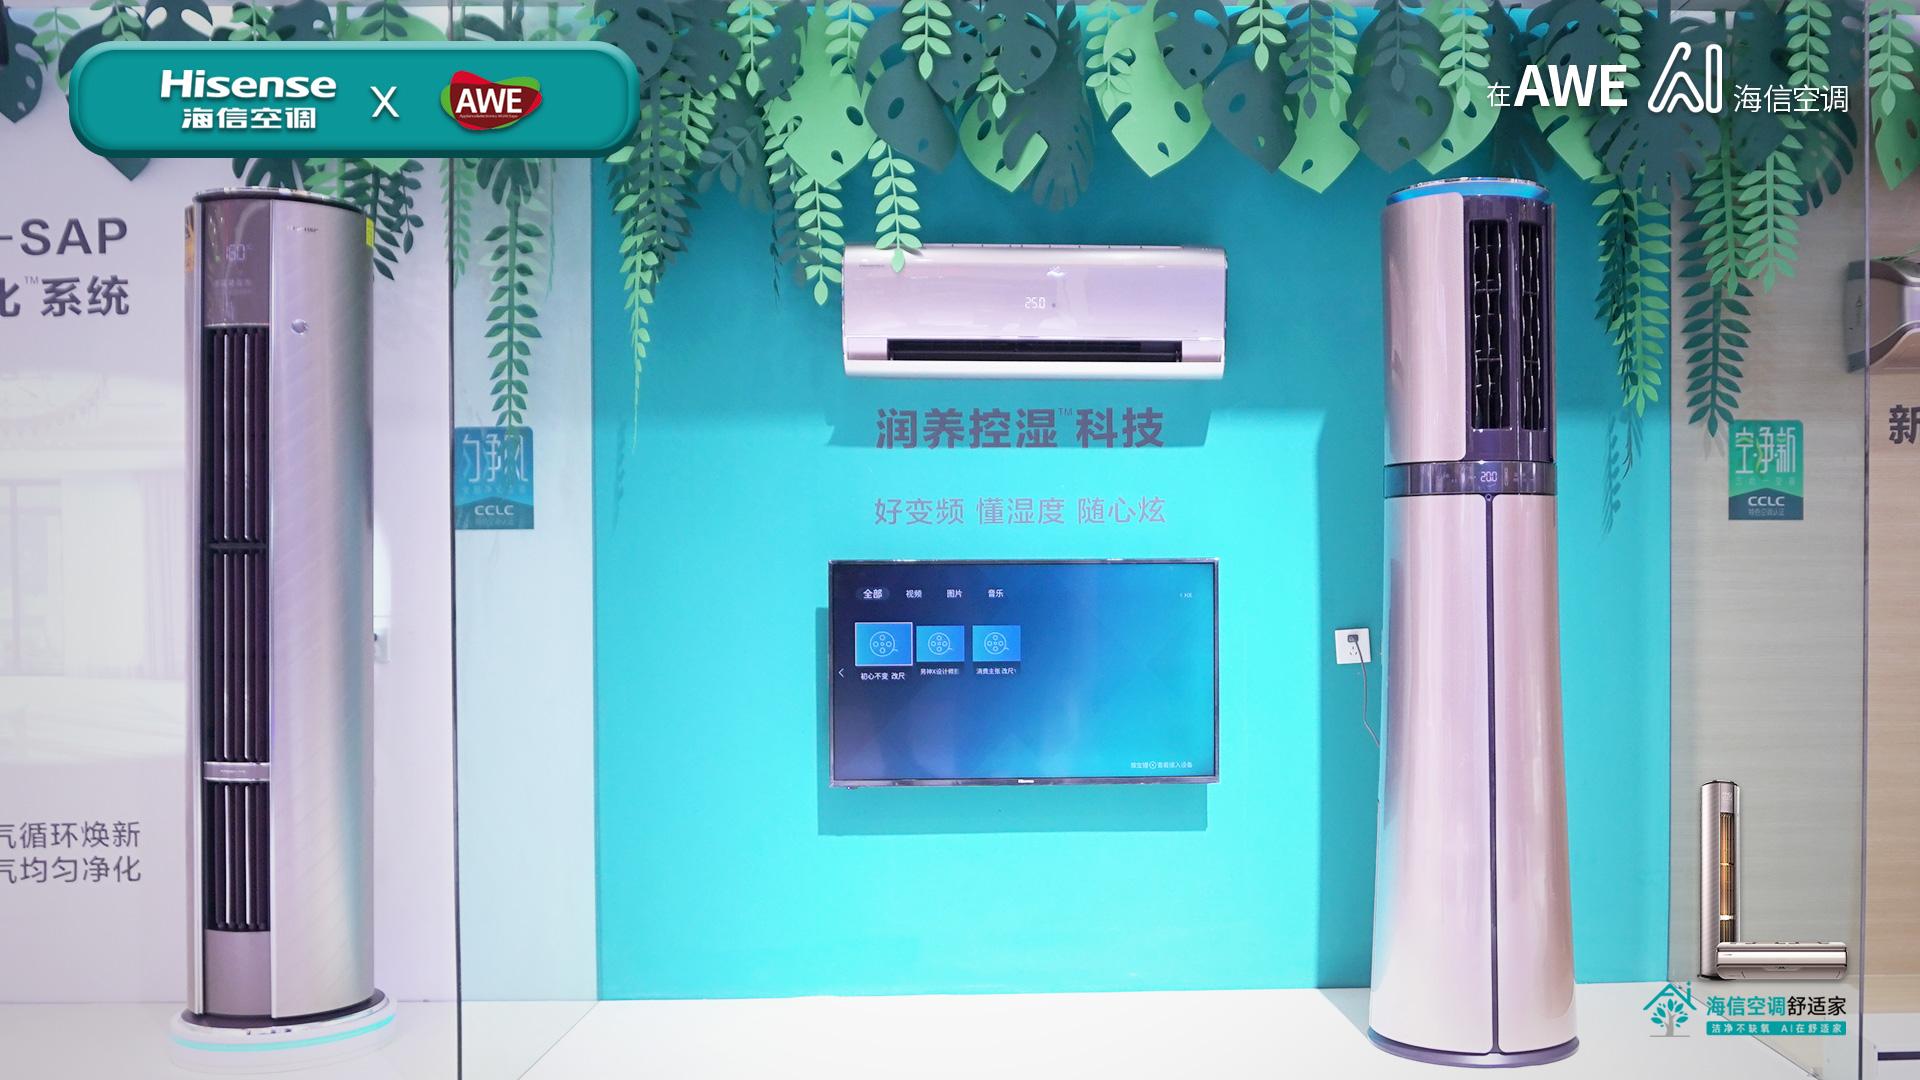 海信空调全维度打造好空气 升级舒适健康体验